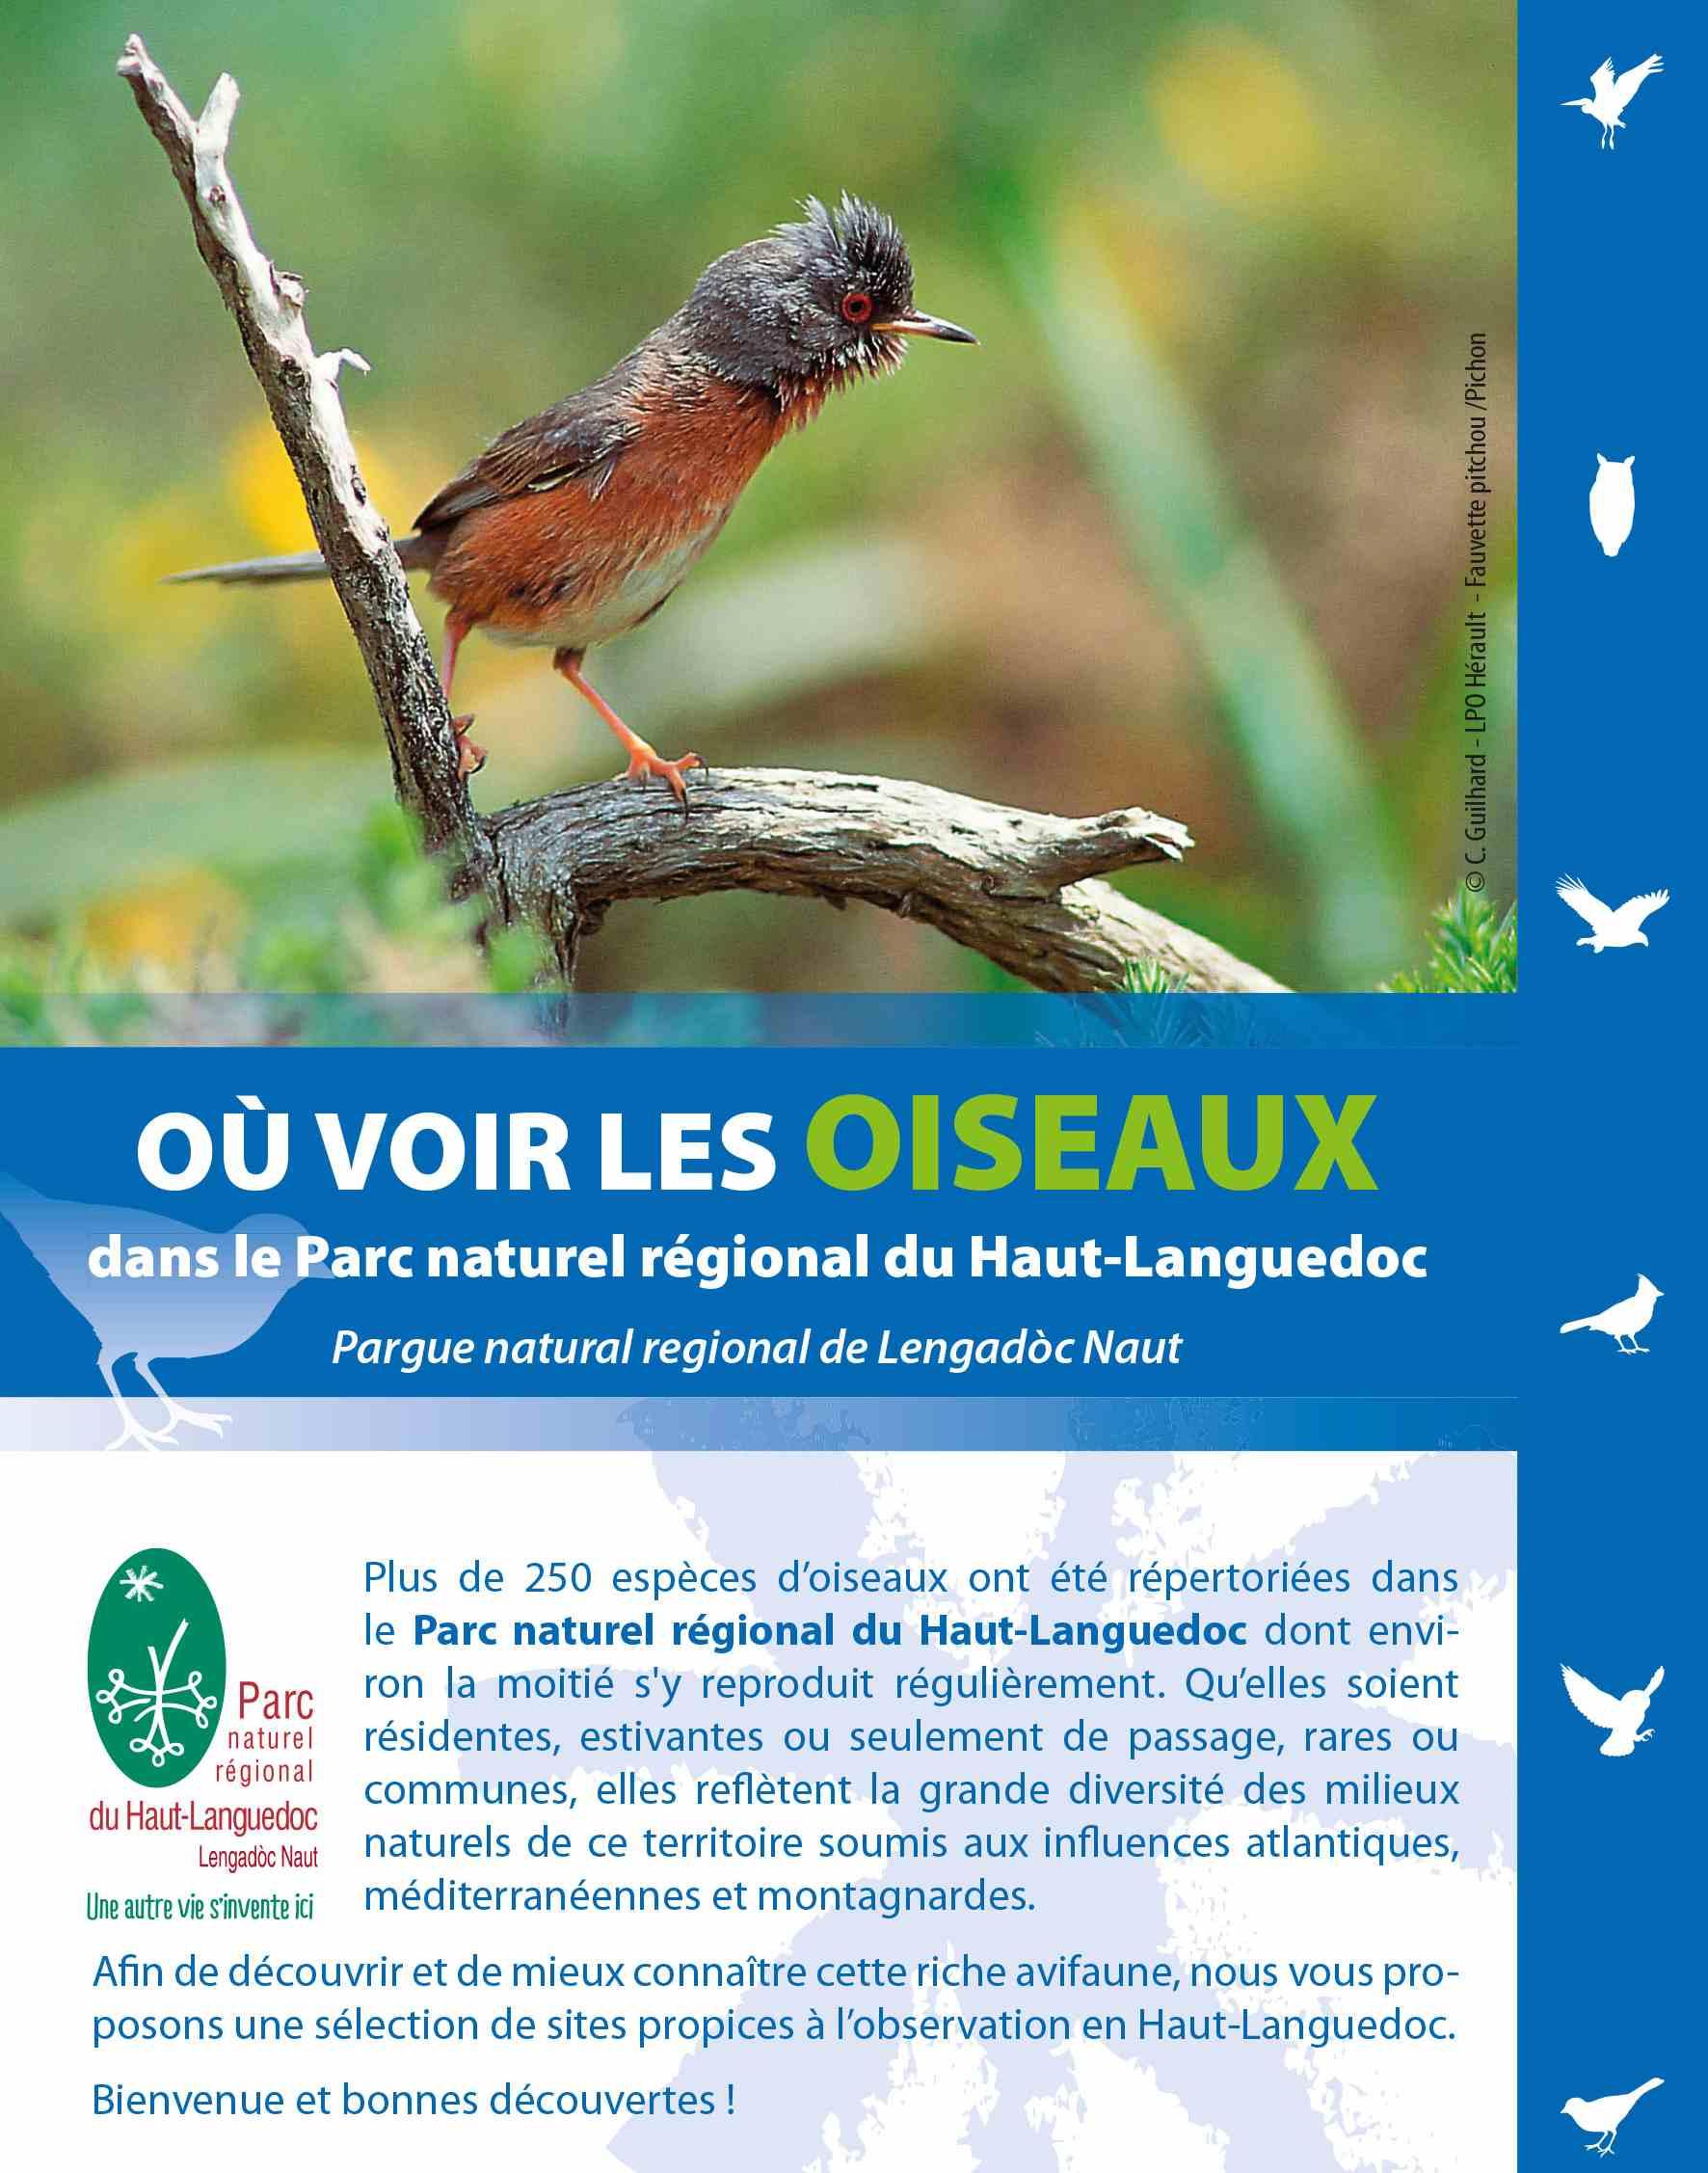 Guide Ou voir les oiseaux du Parc naturel régional du Haut-Languedoc